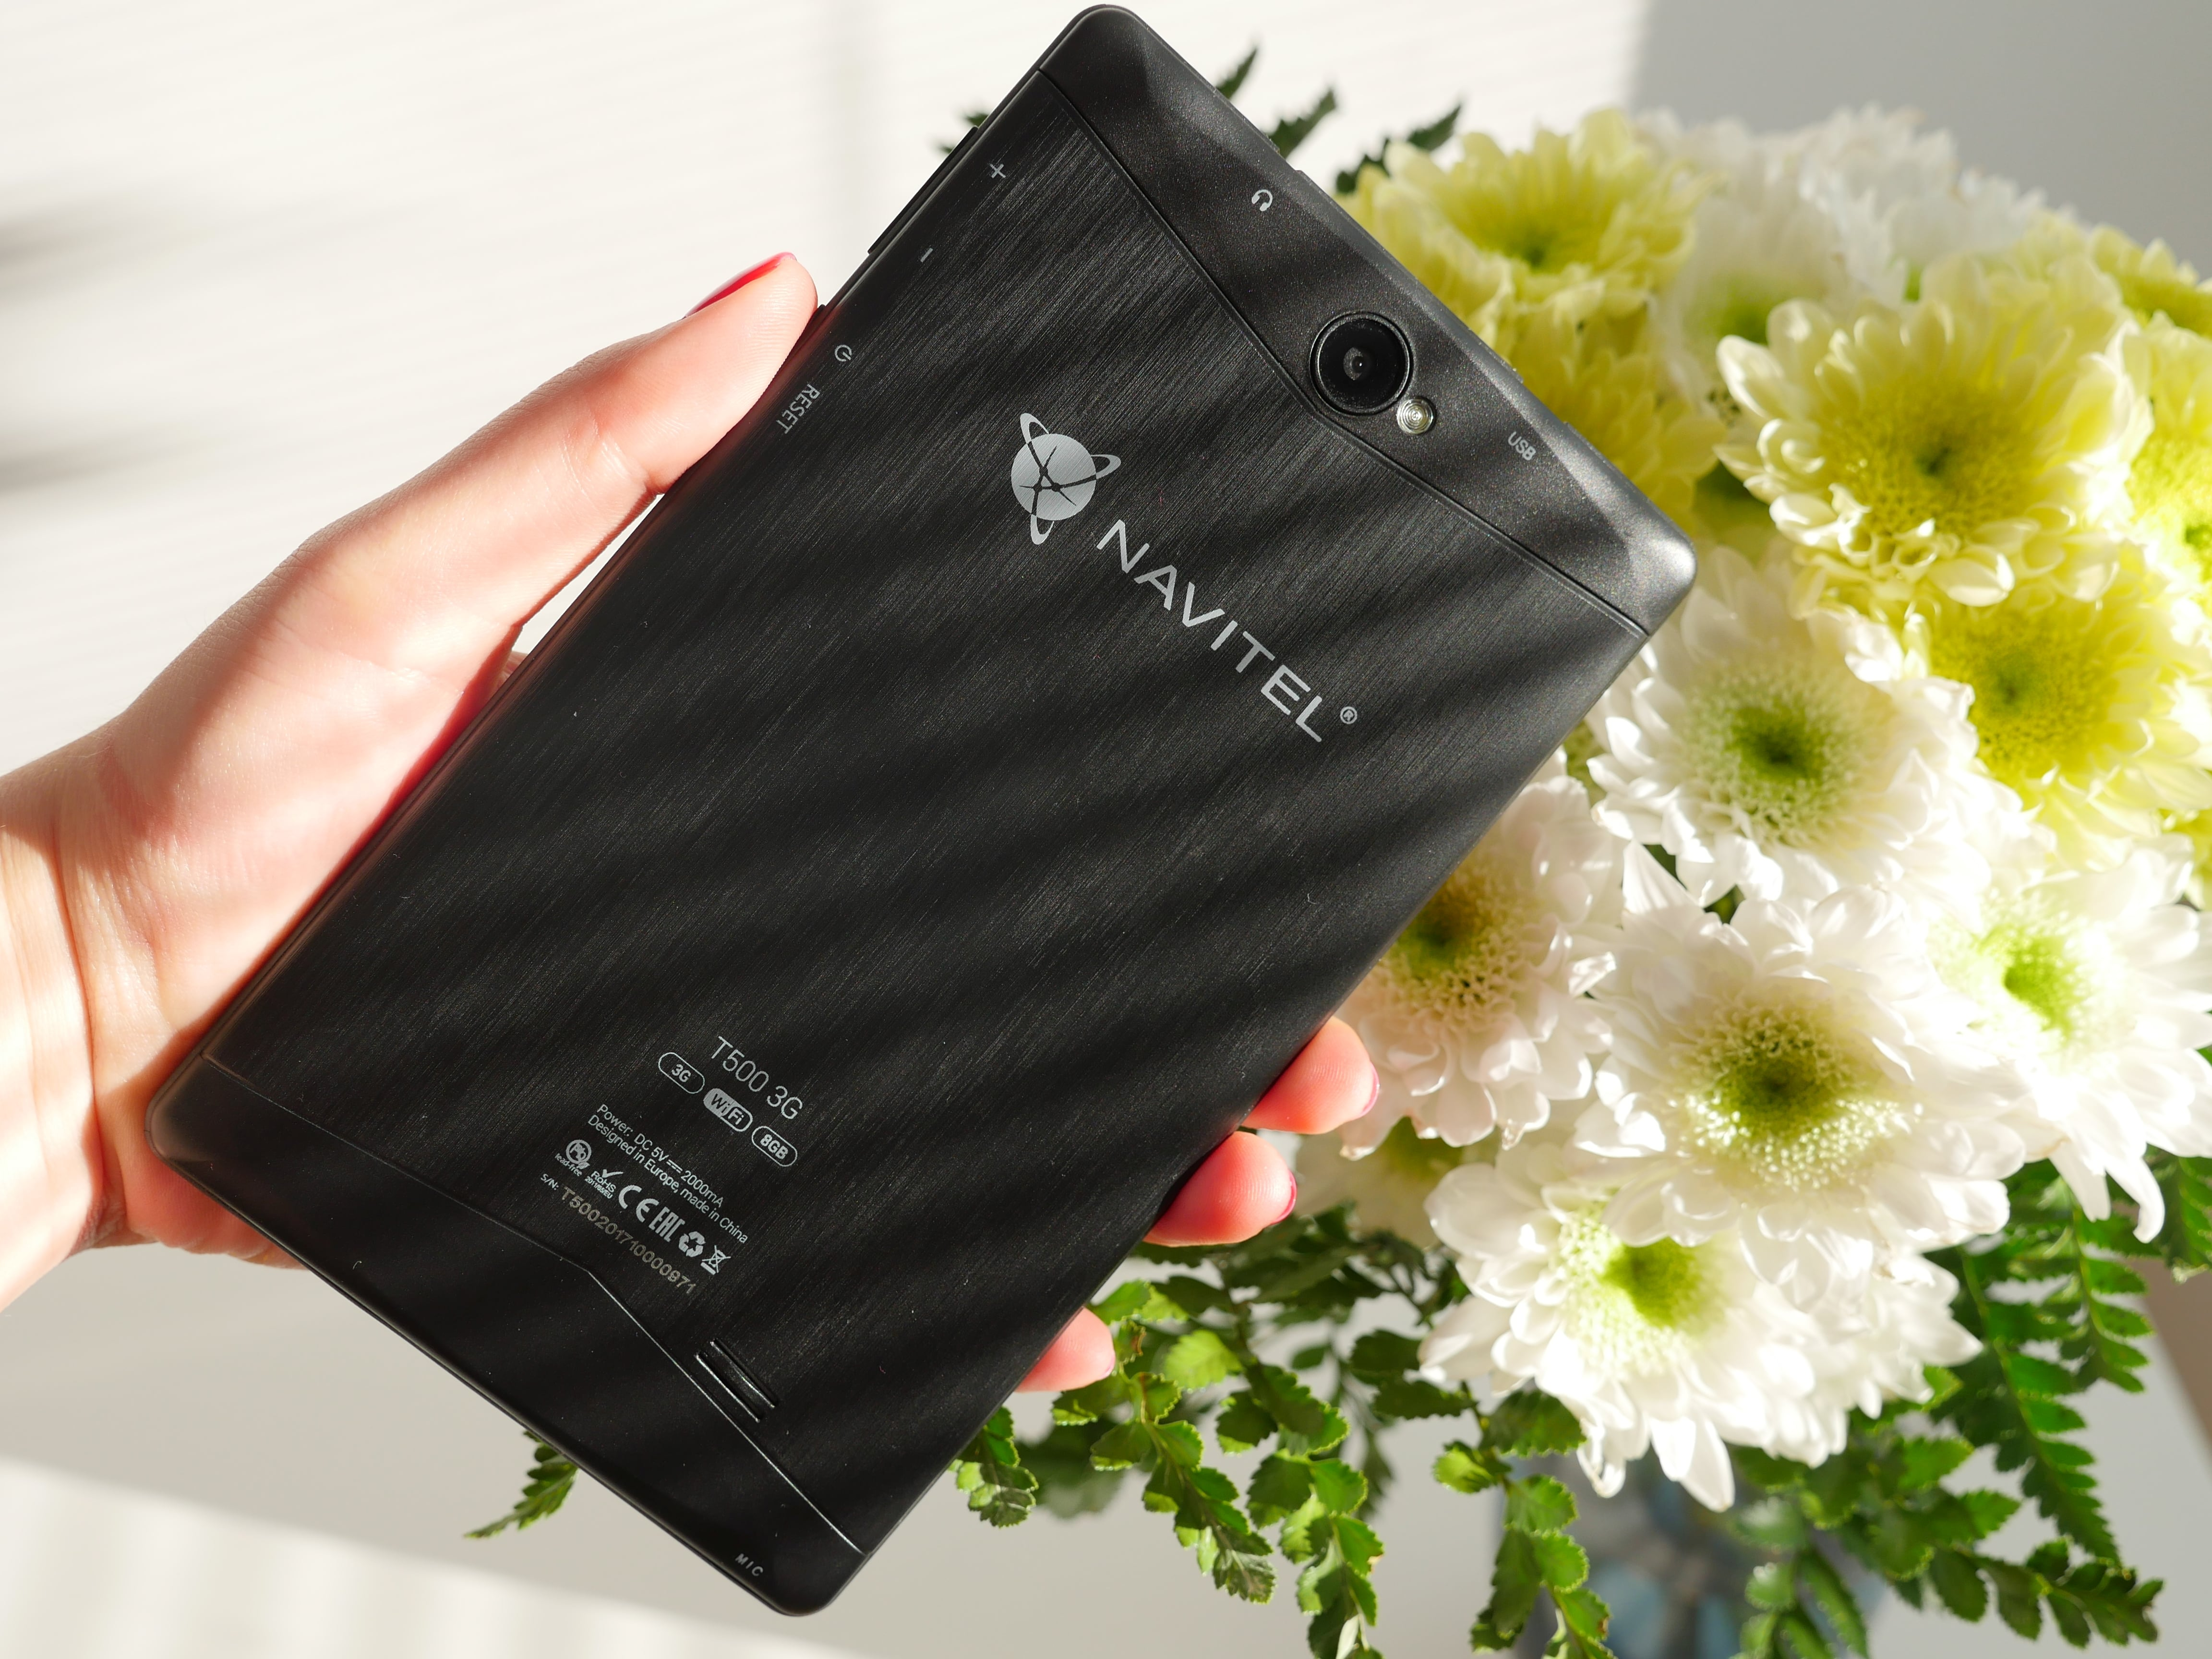 Recenzja Navitel T500 3G - jednego z najtańszych tabletów dostępnych na rynku 20